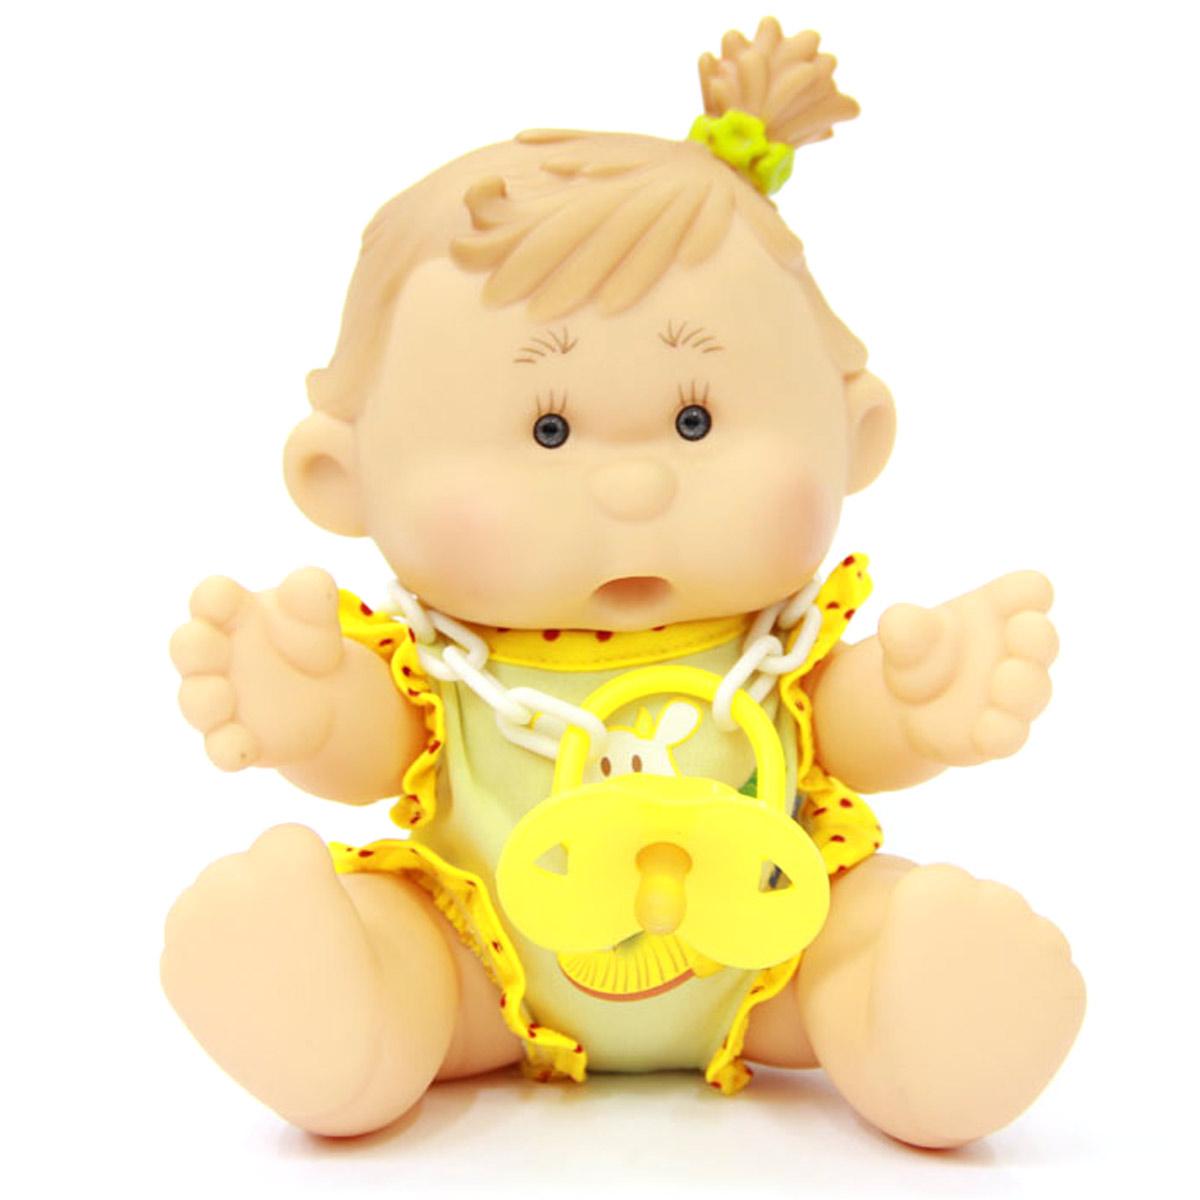 Yogurtinis Пупс Лика Ананас15002-7Кукла-пупс Yogurtinis Лика Ананас - порадует вашу малышку и доставит ей много удовольствия от часов, посвященных игре с ней. Пупс - симпатичная и ароматизированная игрушка, от которой исходит приятный и ненавязчивый аромат ананаса. На шее у Лики имеется соска на пластиковой цепочке, которую можно вставить в ротик пупсу. Кукла выполнена из резины, что позволяет брать ее с собой во время купания или же просто искупать отдельно. Части тела у пупсика подвижные, поэтому он может принимать разнообразные положения. Пупс упакован в пластиковую фирменную баночку. Каждая девочка сможет подобрать себе пупса Yogurtinis, ориентируясь на свои «фруктовые» предпочтения. Игра с куклой разовьет в вашей малышке чувство ответственности и заботы. Порадуйте свою принцессу таким великолепным подарком.